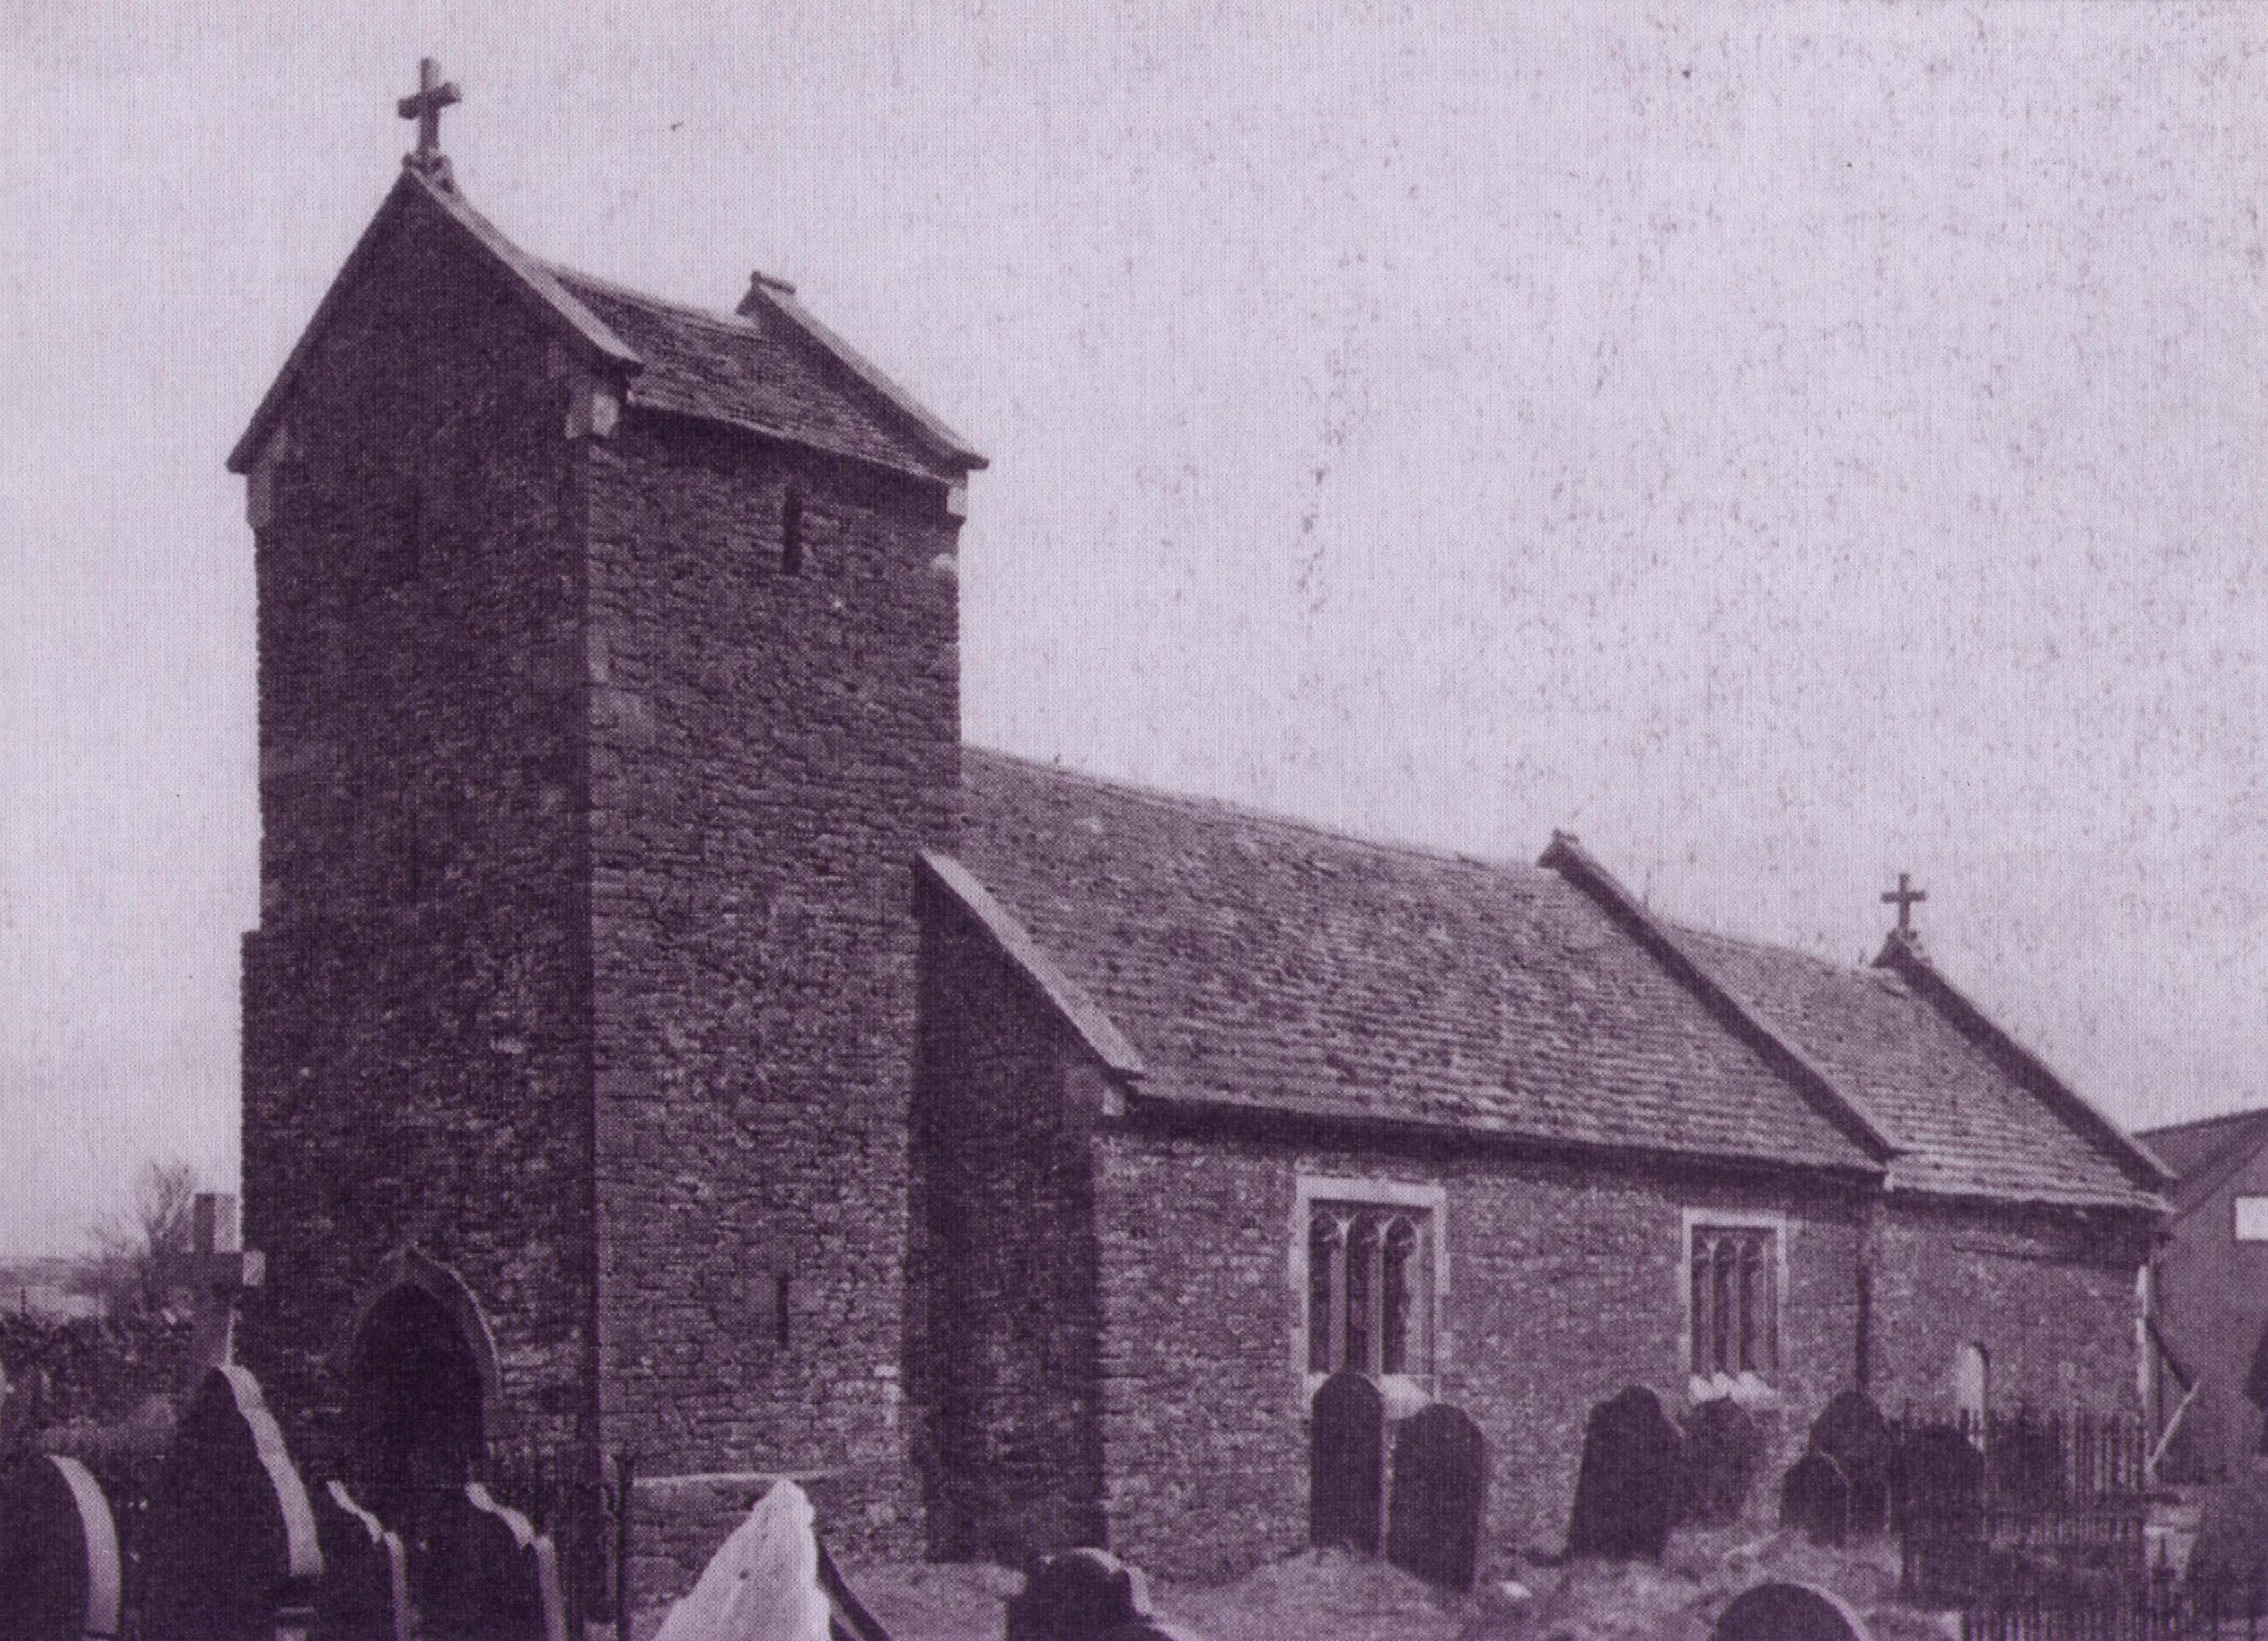 St. Illtyd's Church, Brynithel